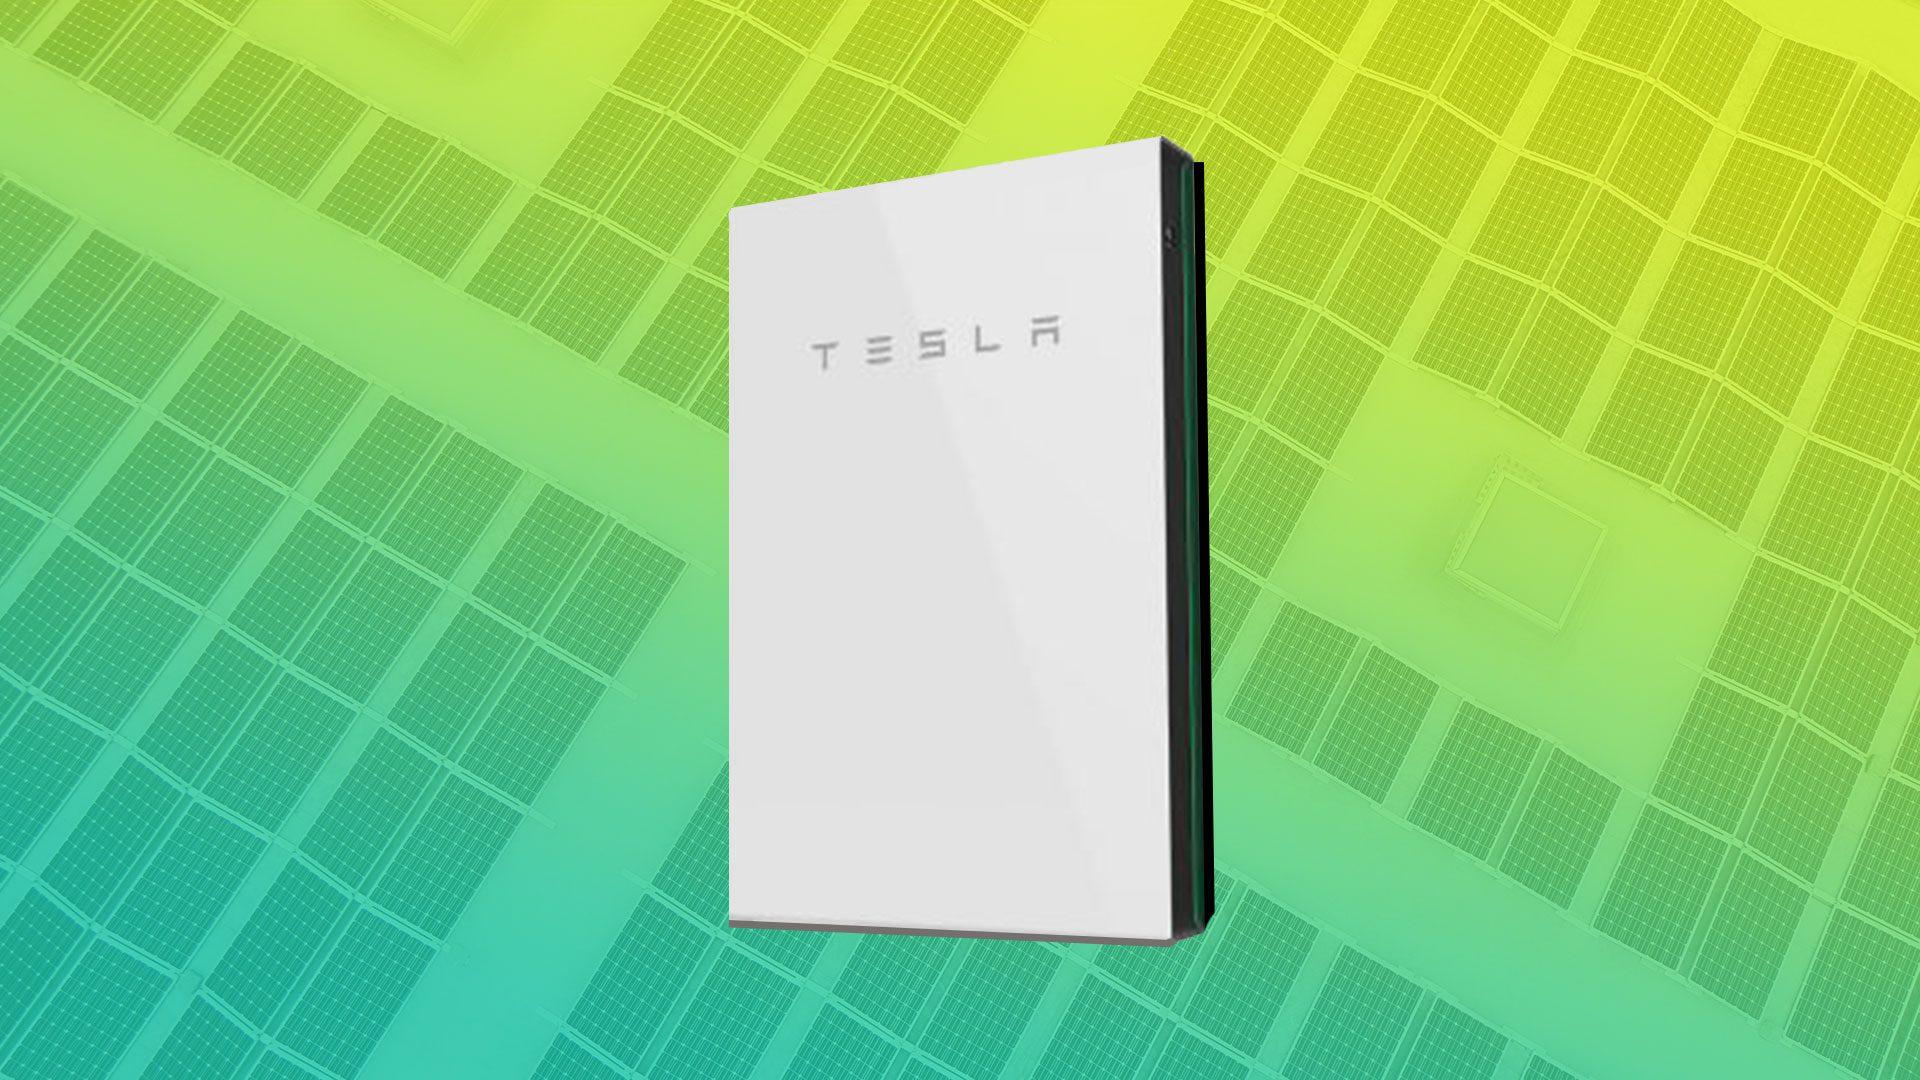 Solar Battery Deals Tesla Powerwall Image